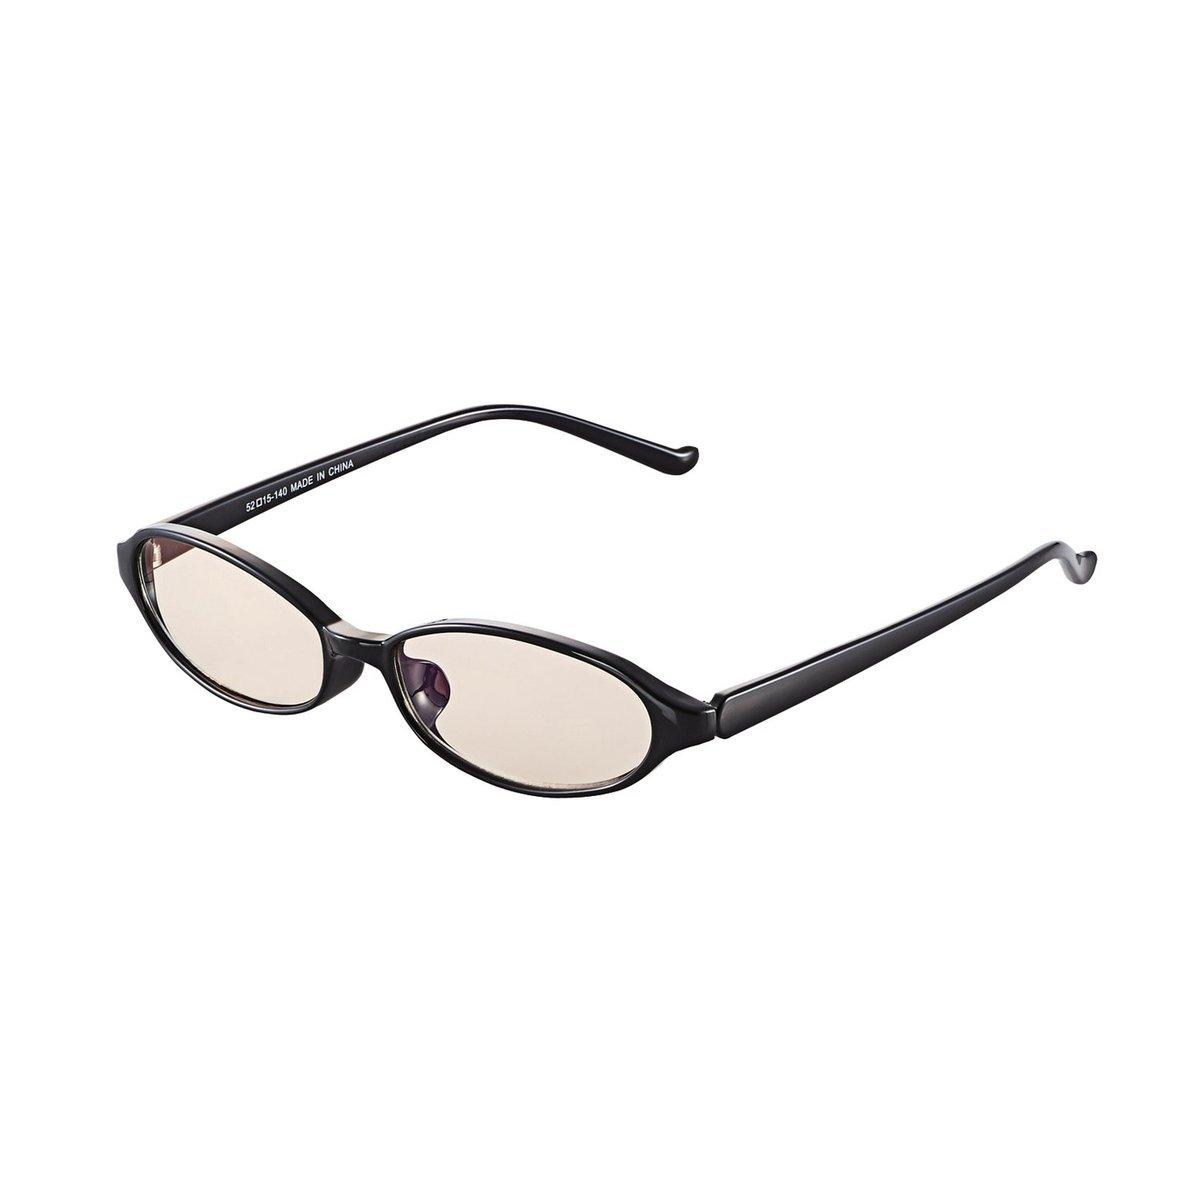 鵝蛋形鏡框防藍光眼鏡(黑色)